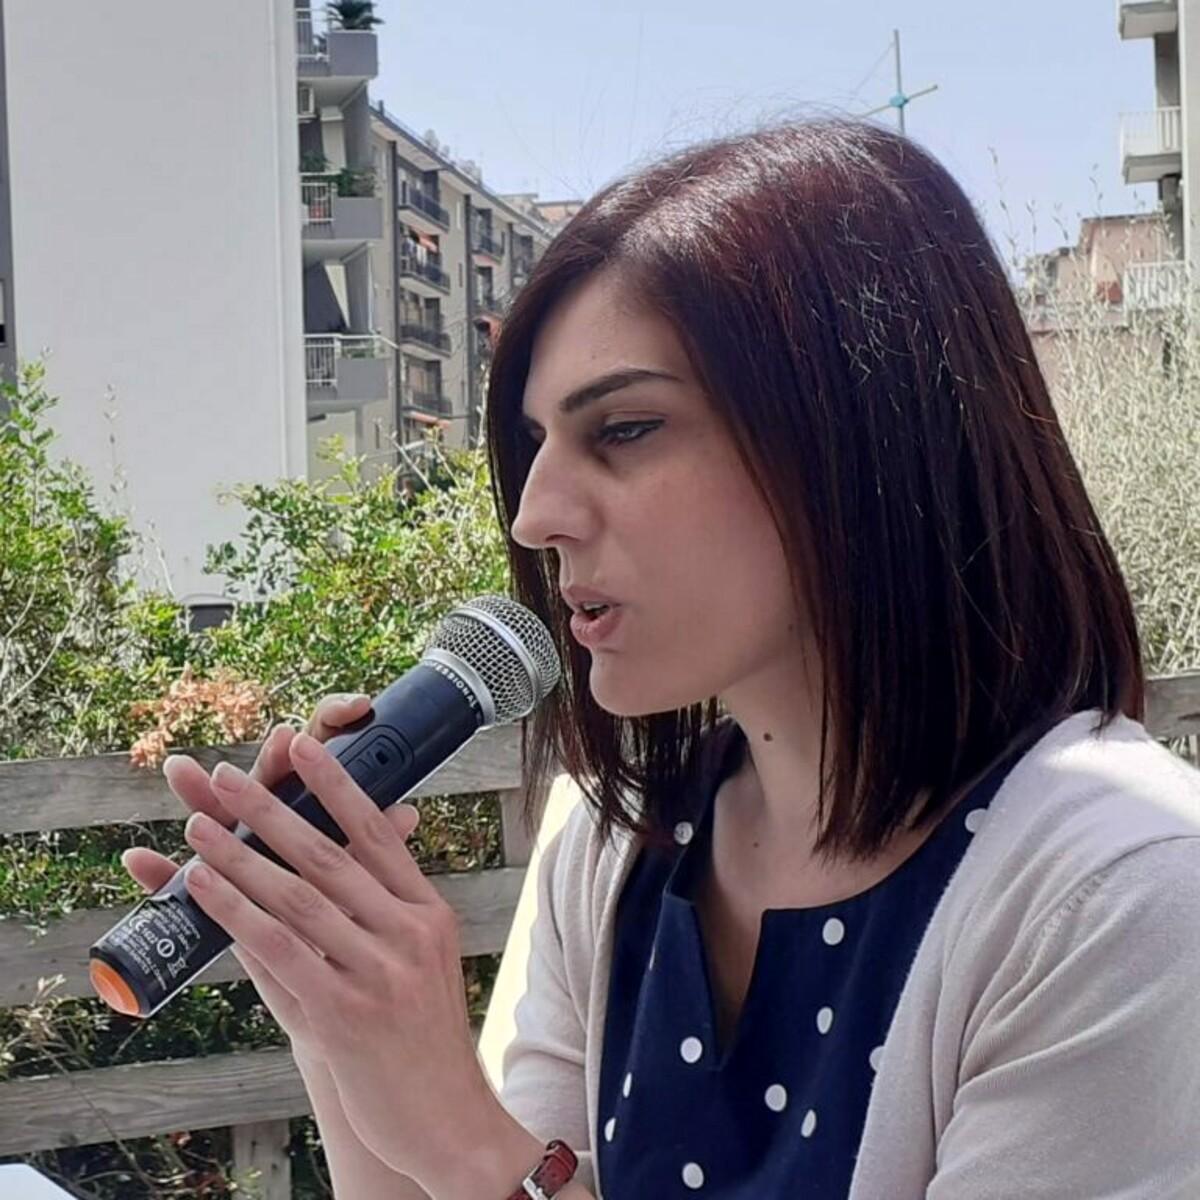 Elezioni comunali 2021: la presentazione delle liste a sostegno di Simona Libera Scocozza